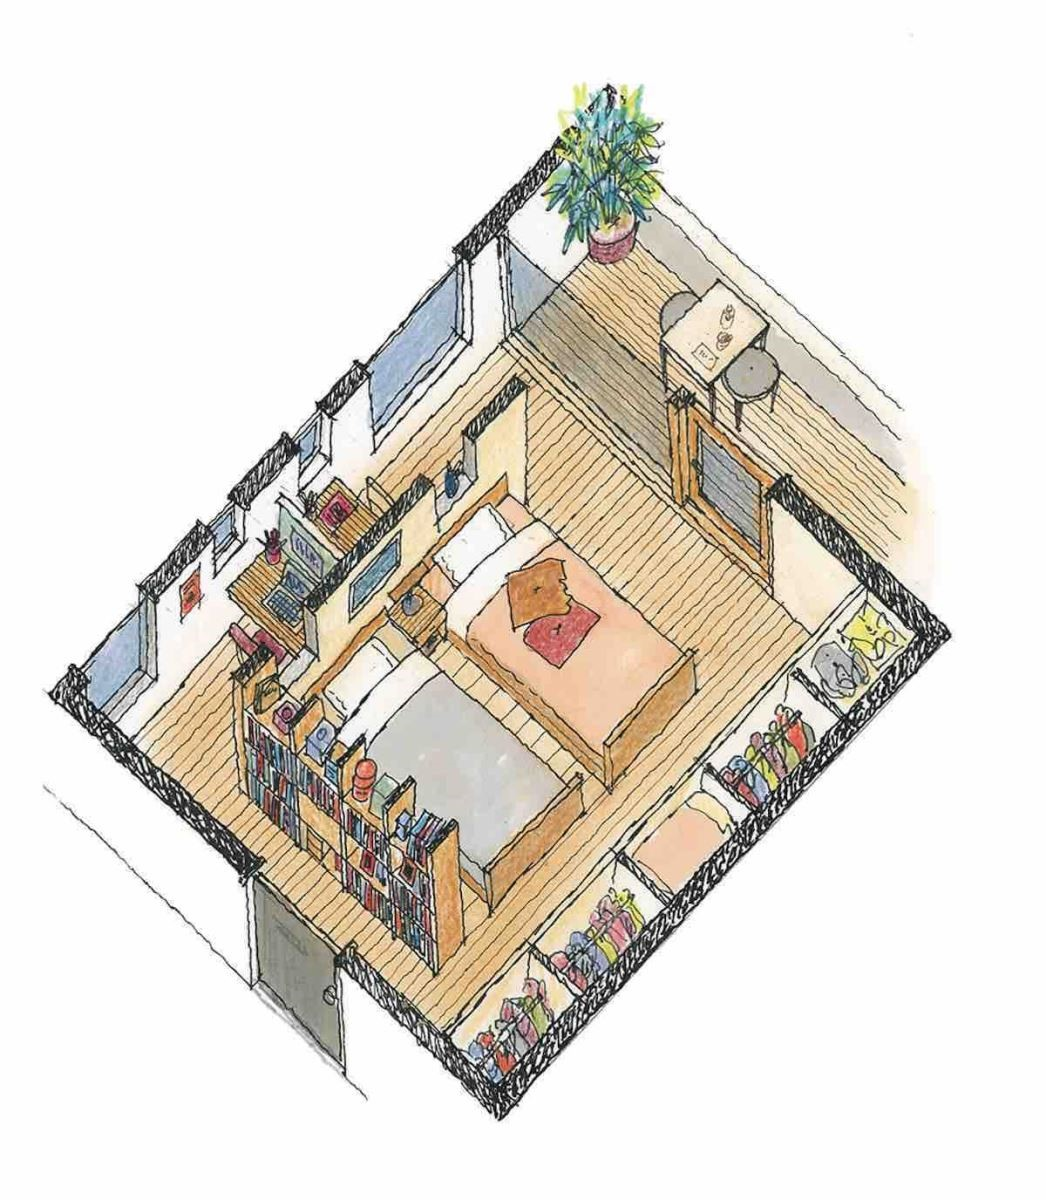 劃分出書房區的寢室-等角透視圖 圖片提供_漂亮家居麥浩斯